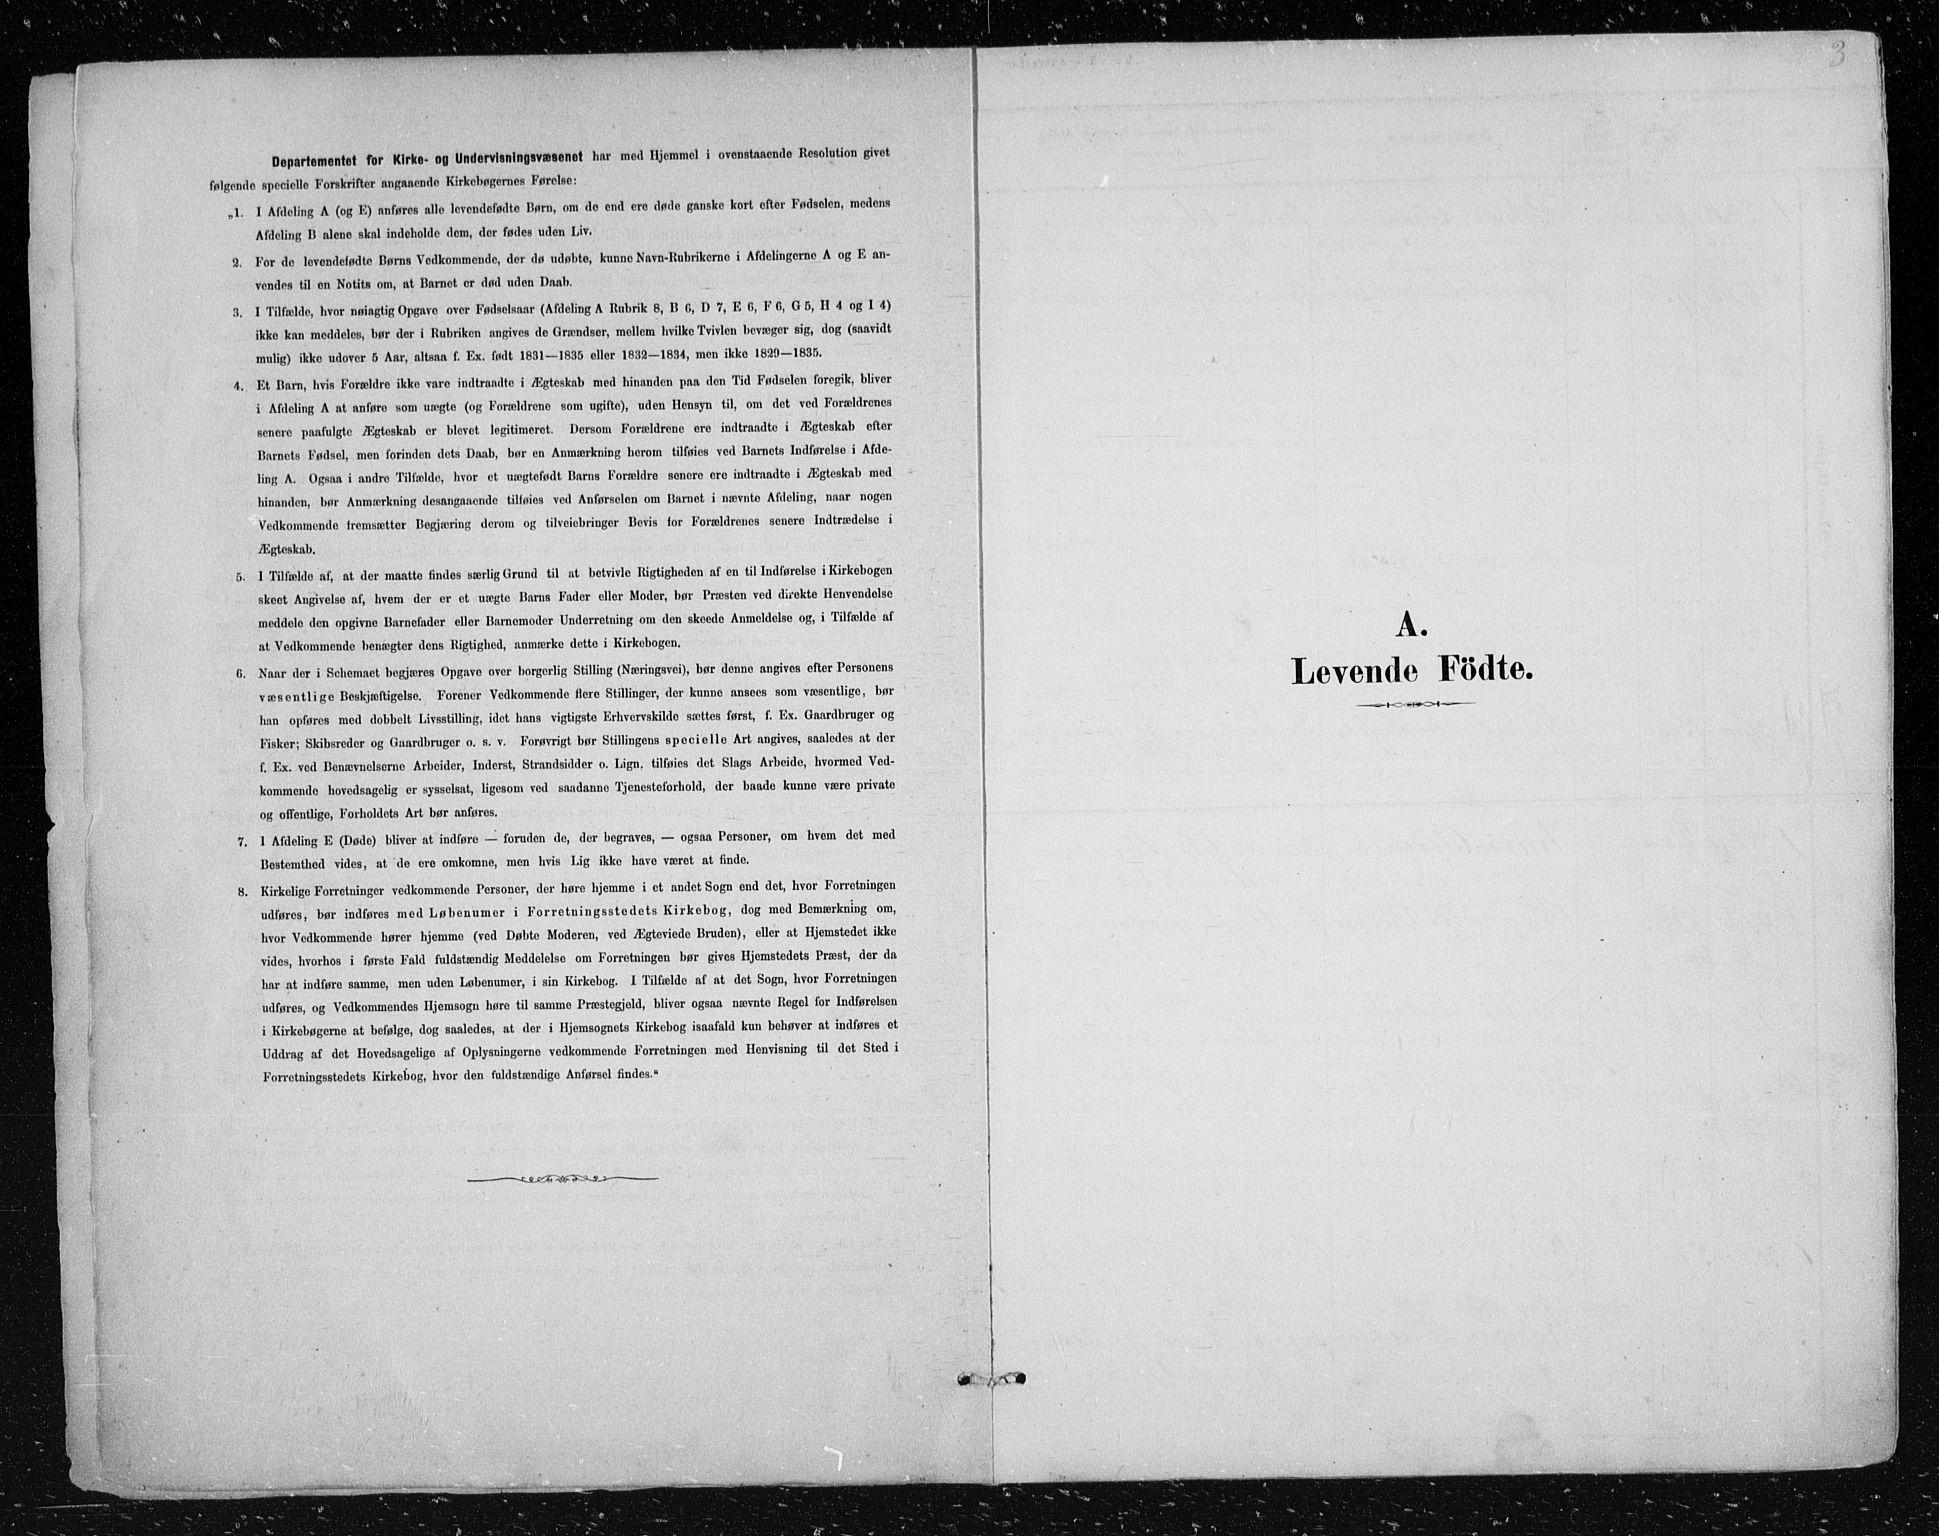 SAKO, Nes kirkebøker, F/Fa/L0012: Ministerialbok nr. 12, 1881-1917, s. 3